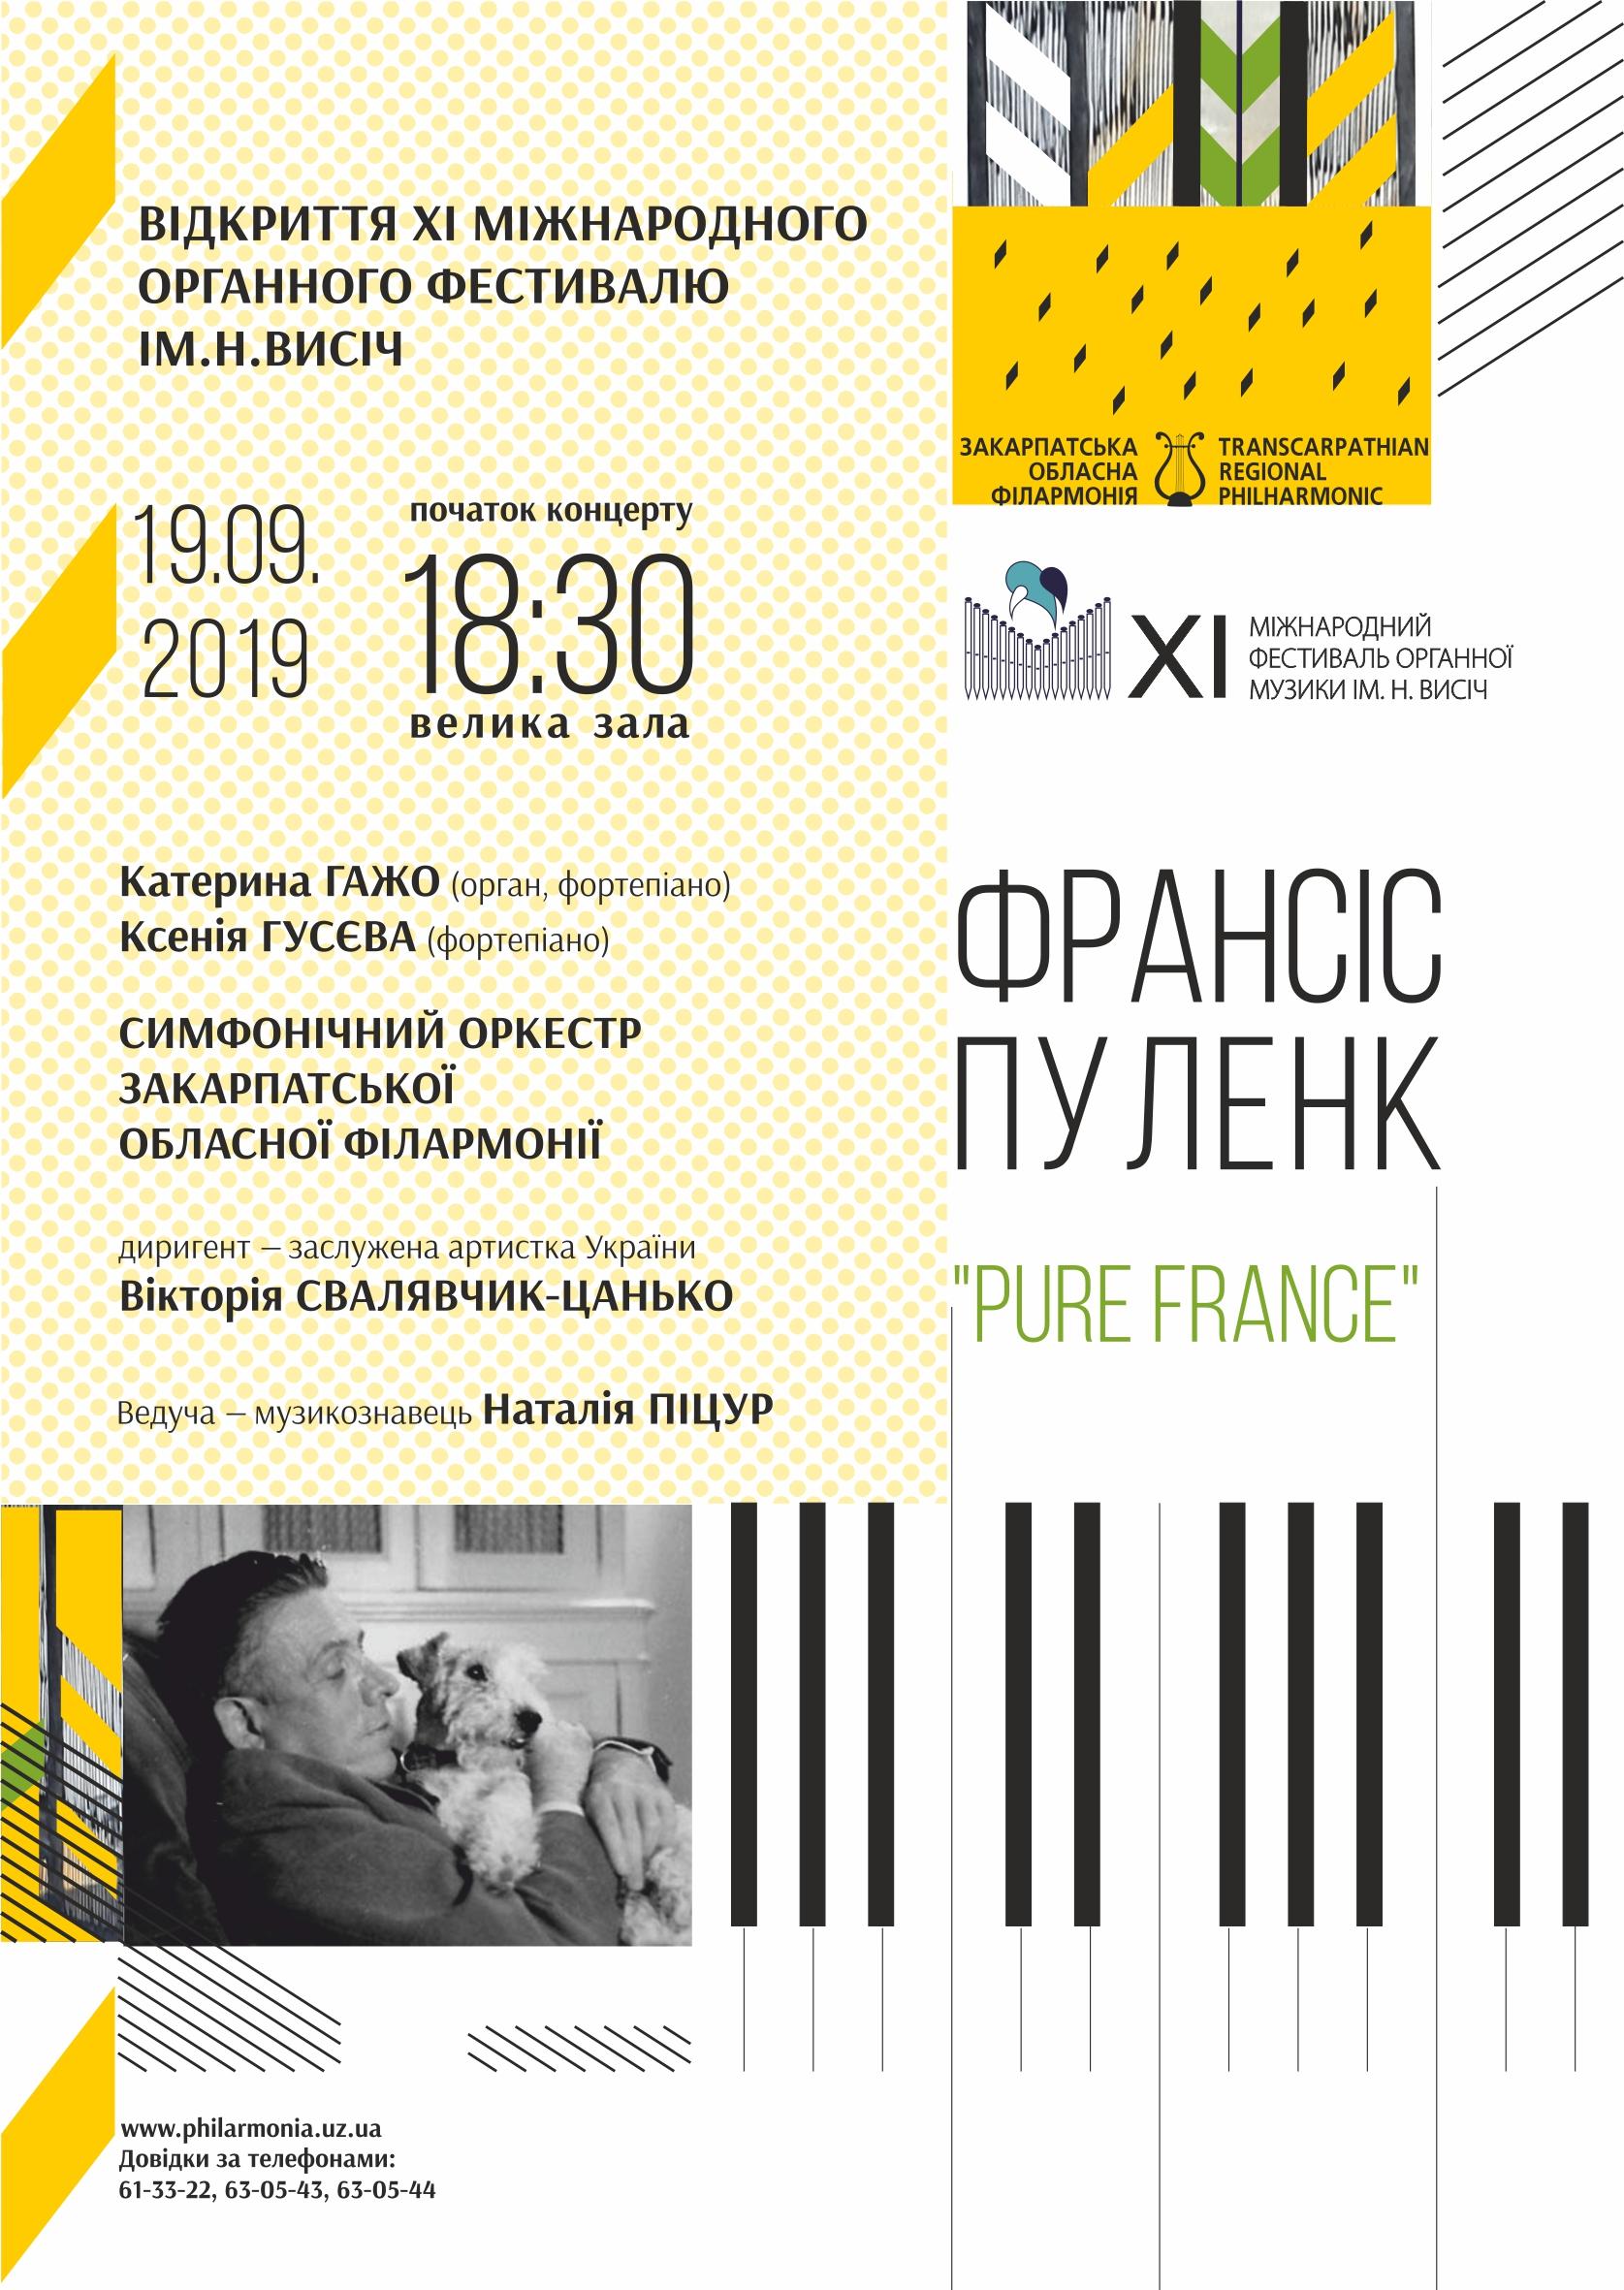 73-й концертний сезон Закарпатська обласна філармонія відкриє органним фестивалем